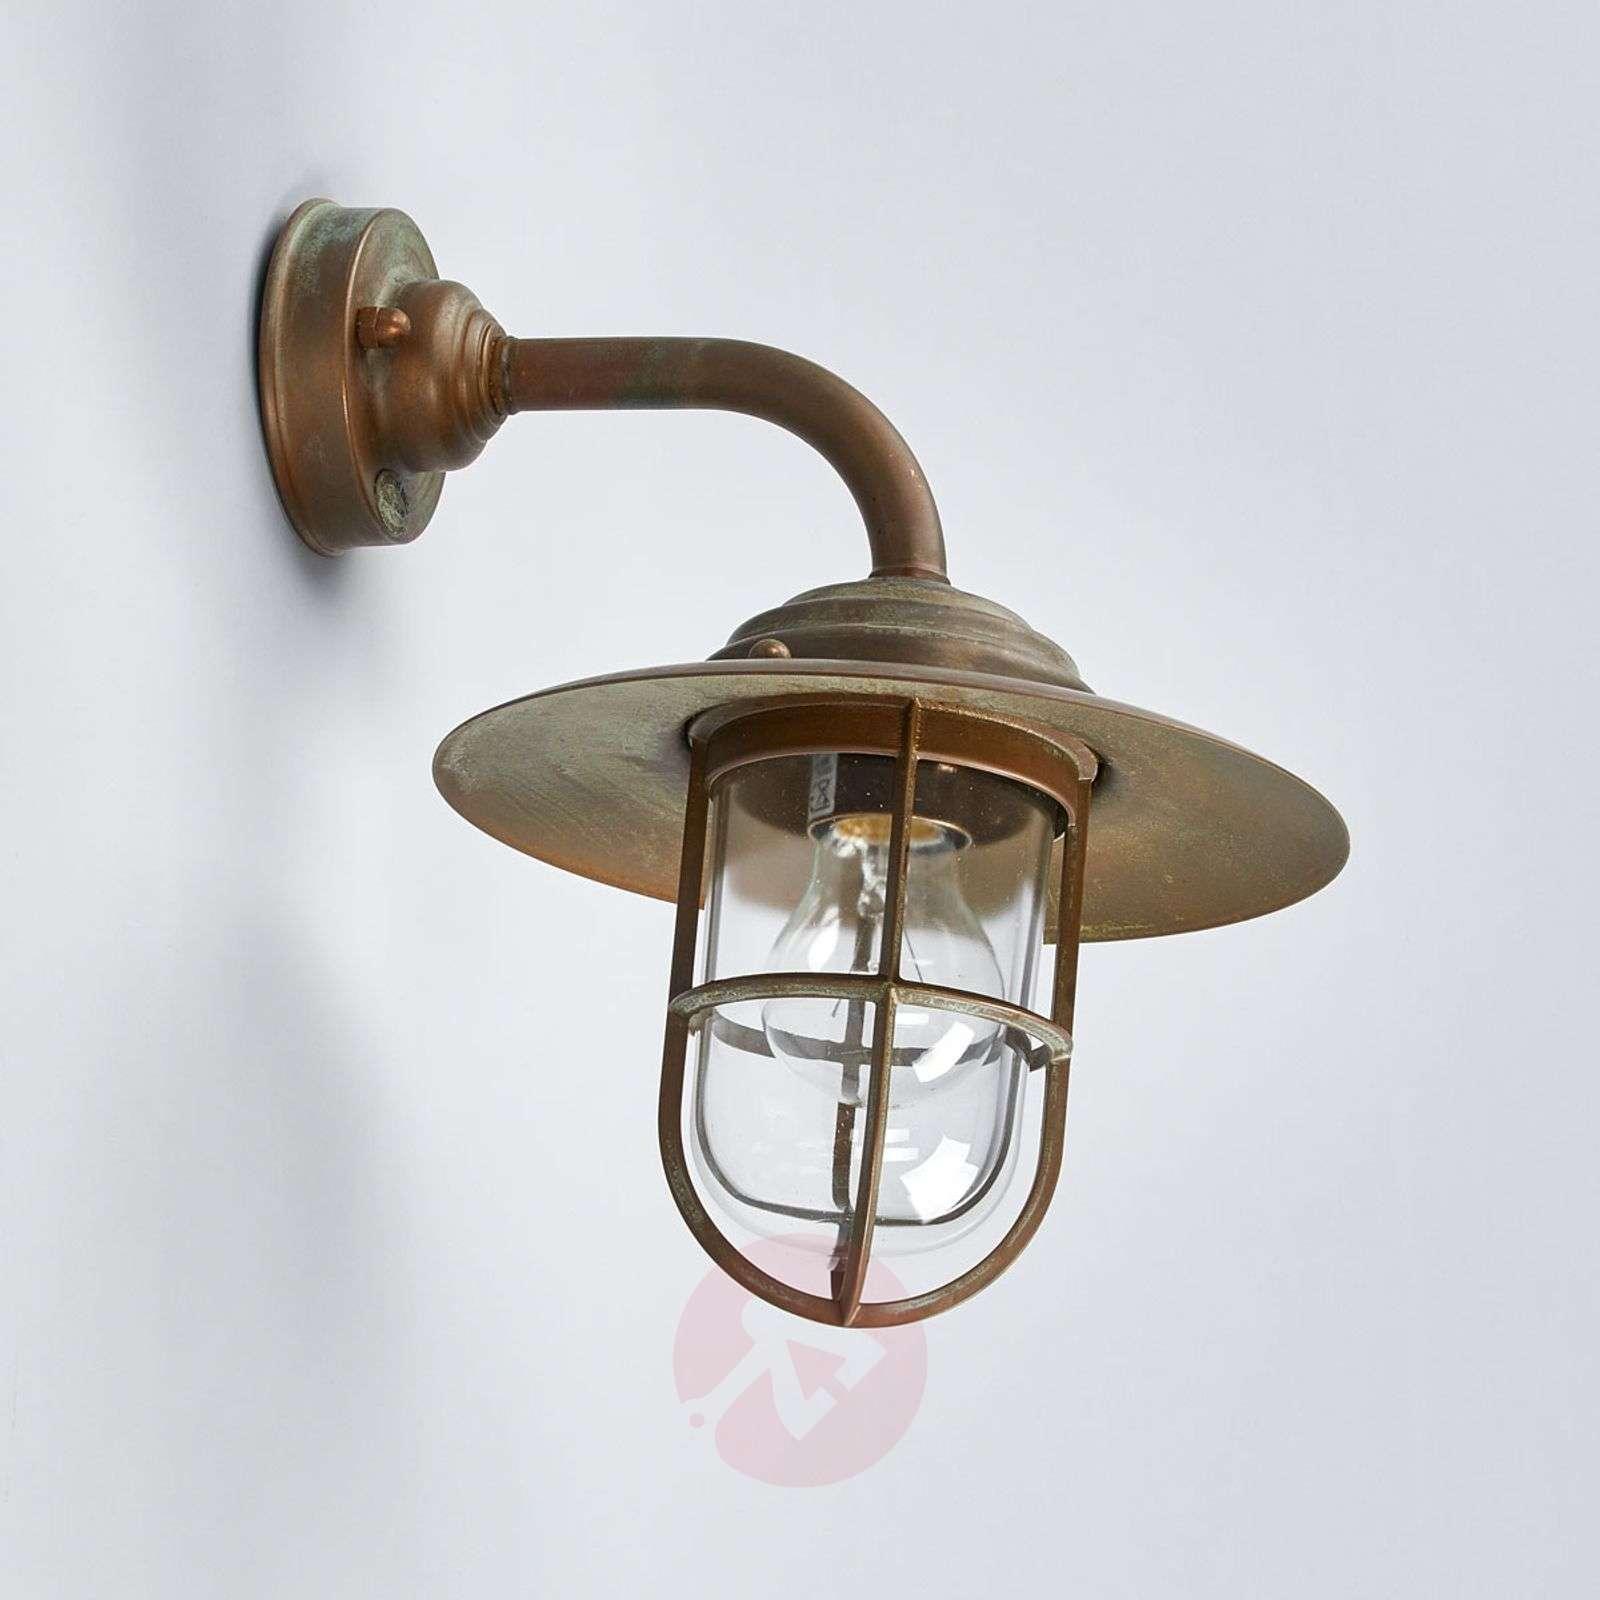 Tyylikäs Antique-ulkoseinävalaisin-6515089X-01